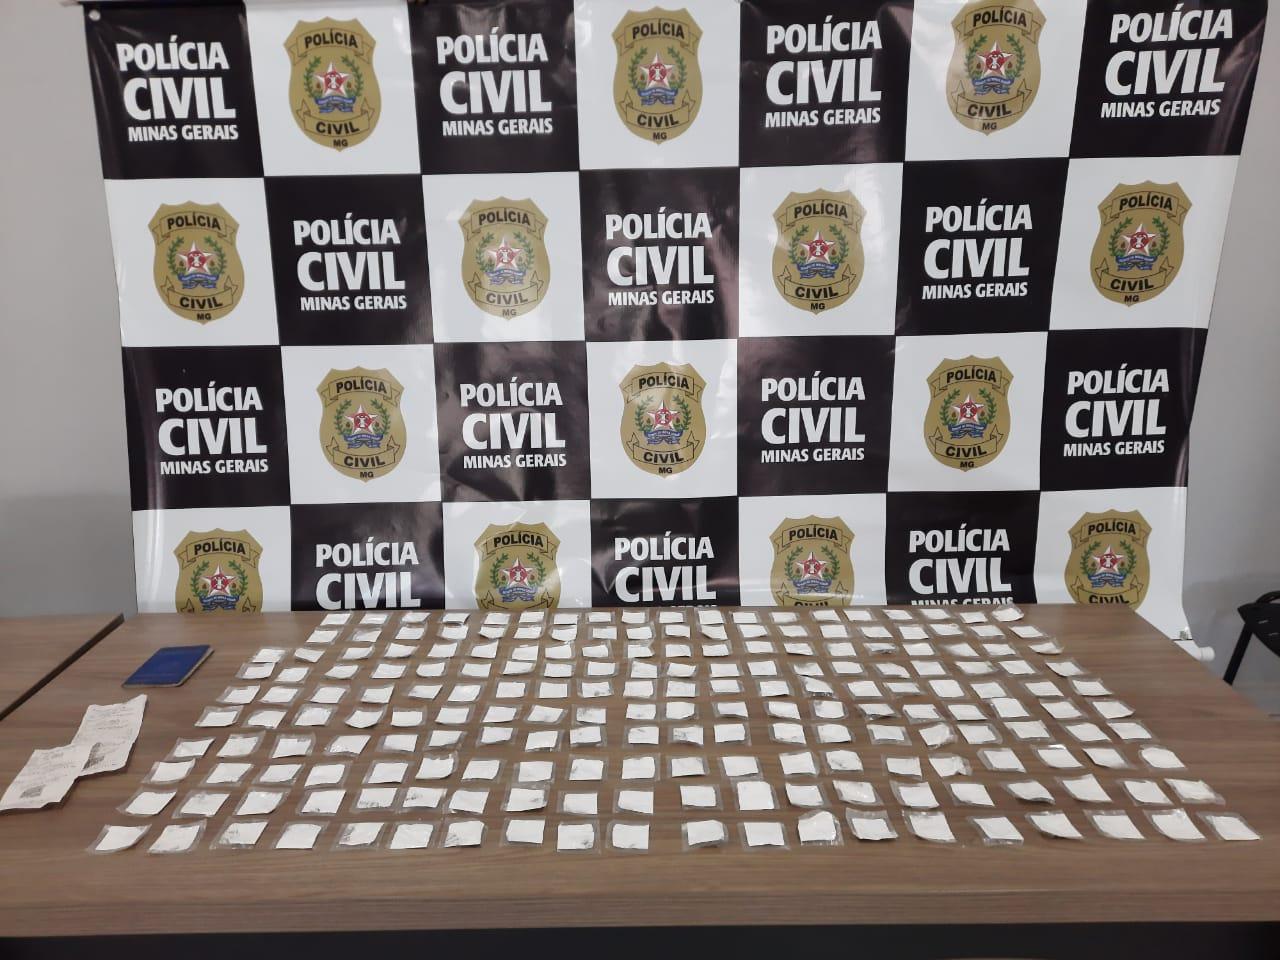 Mulher é presa com quase 200 papelotes de cocaína em Cambuí - Foto: Divulgação/PCMG